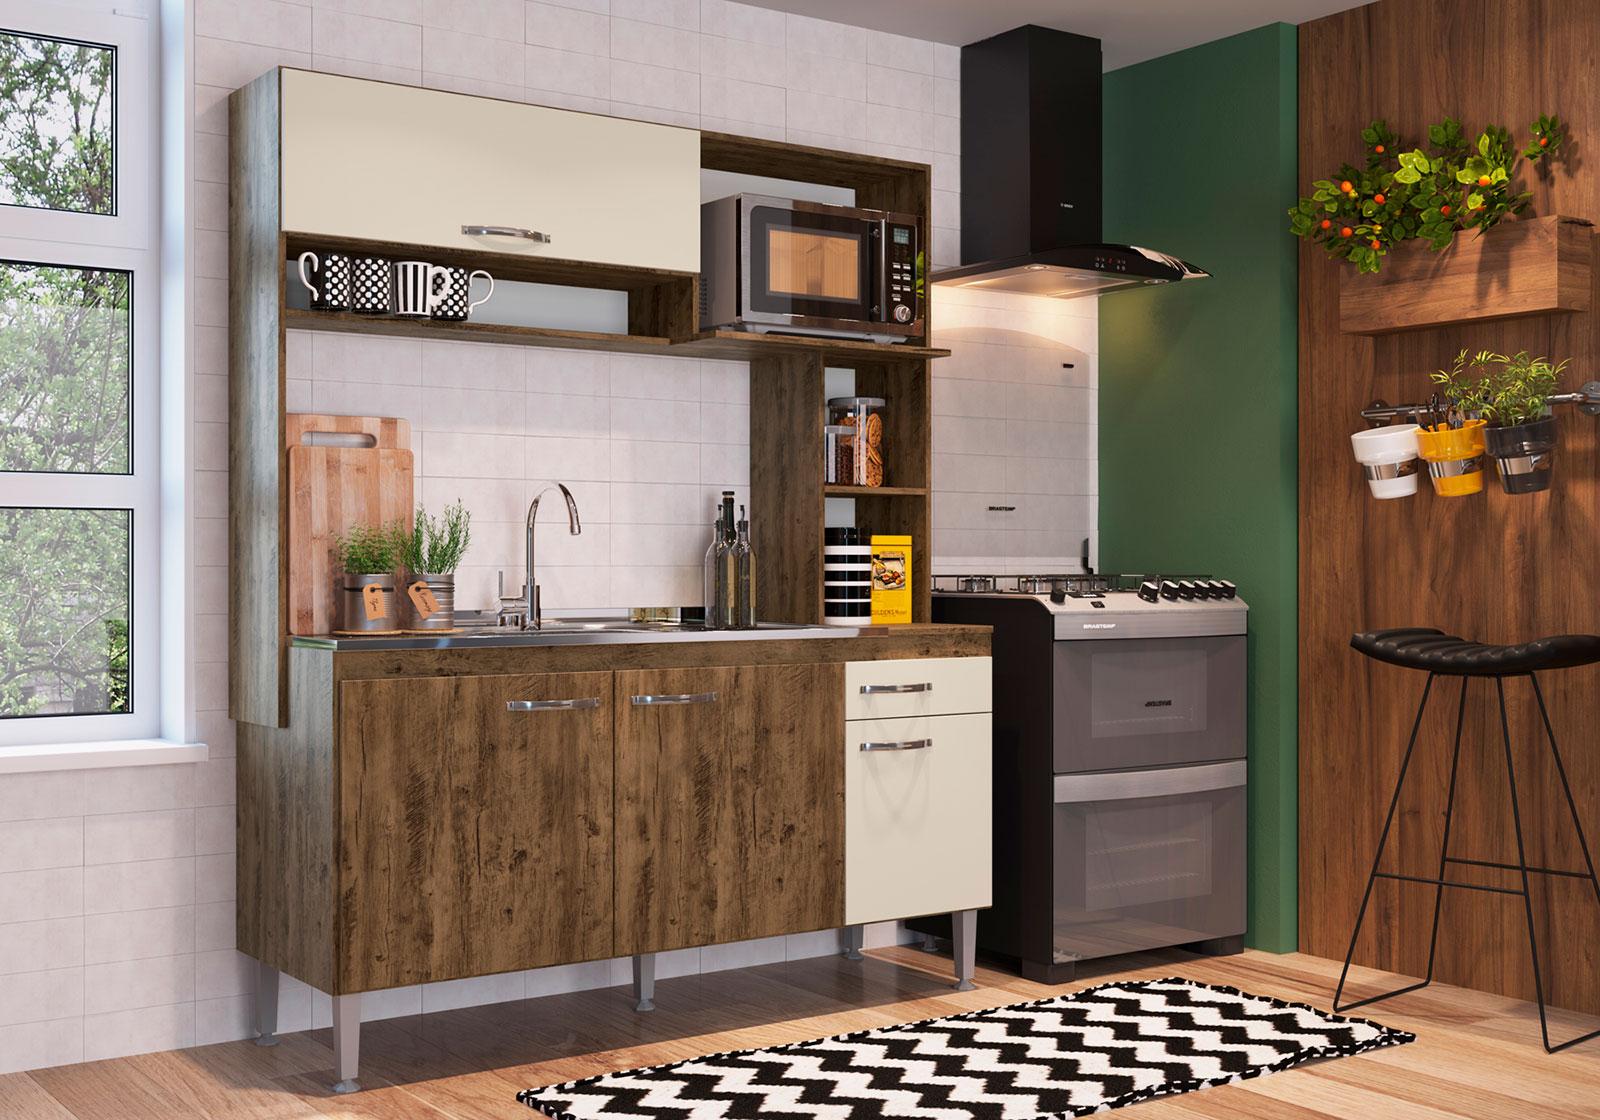 Cozinha Compacta IRM Cassia 4 Portas e 1 Gaveta Itaúba